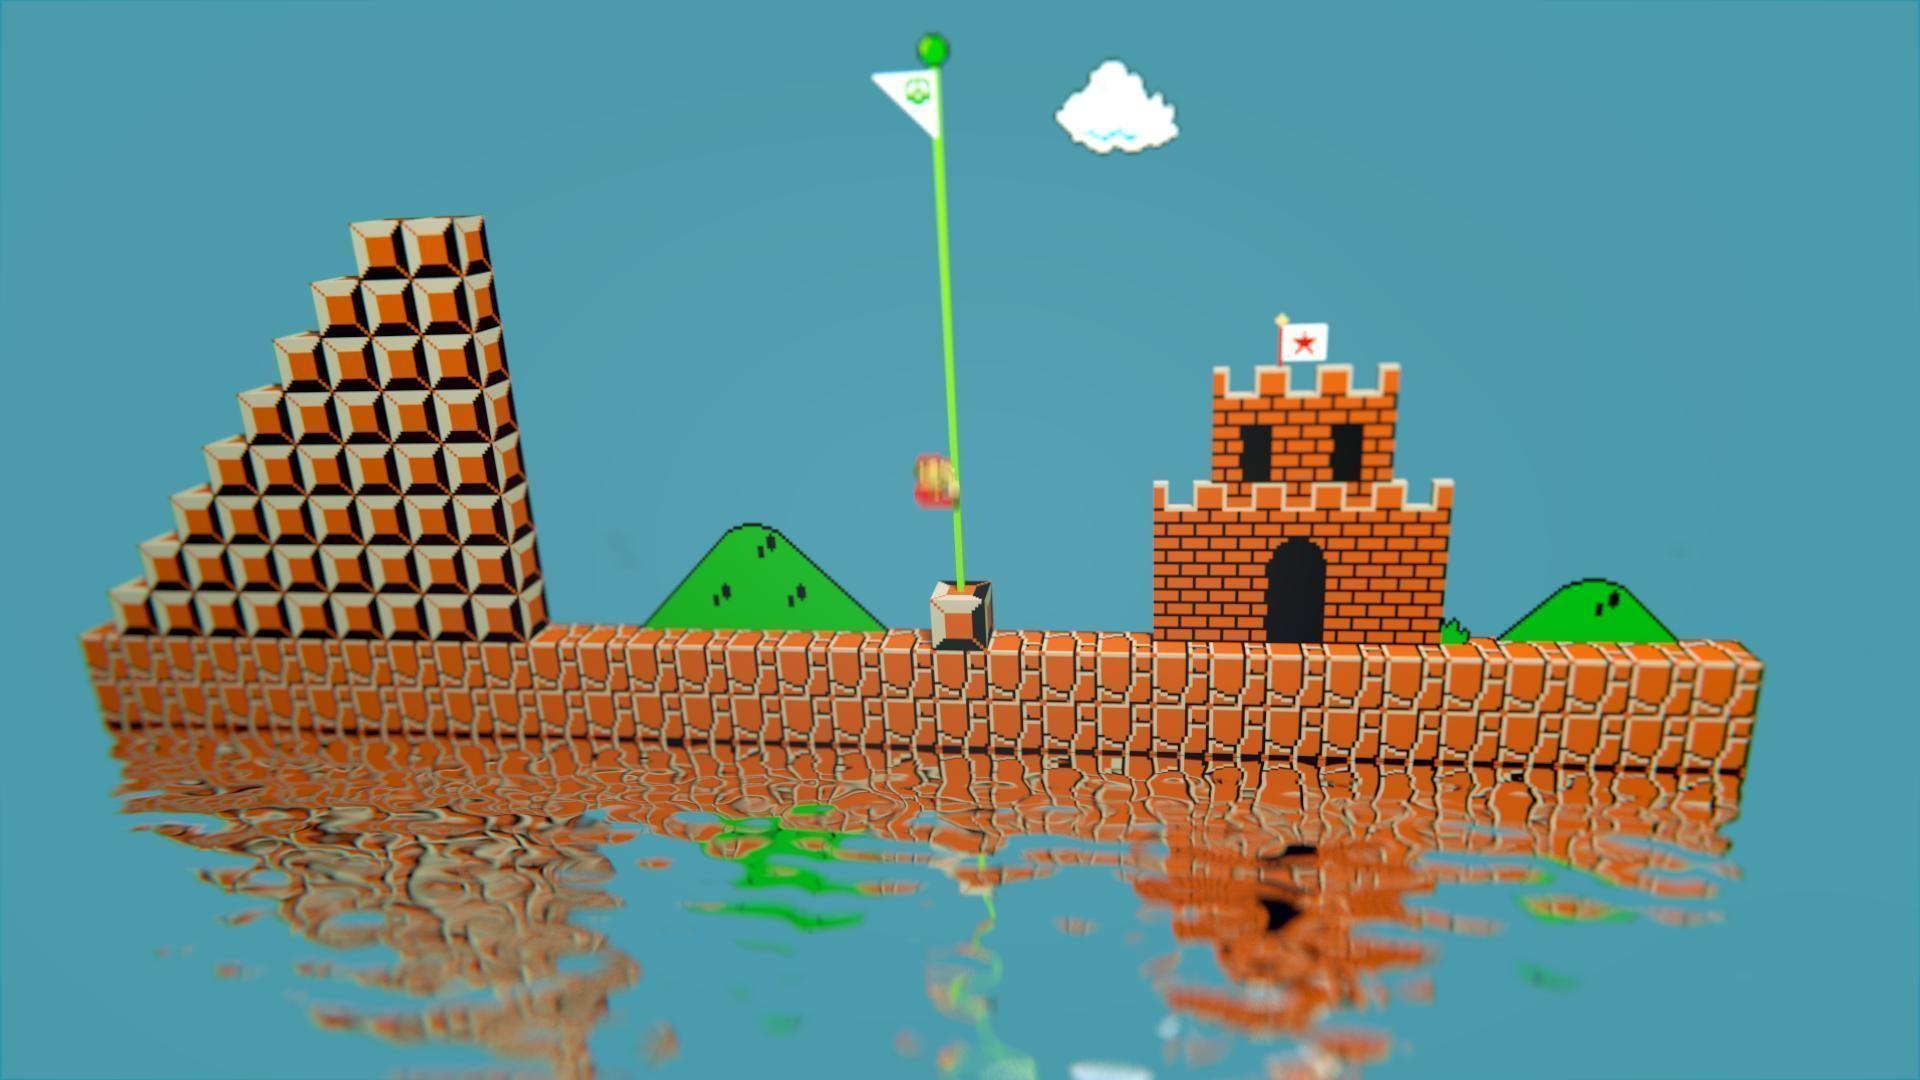 Mario 8 Bit HD Wallpaper     ID:57427 – WallpaperVortex.com